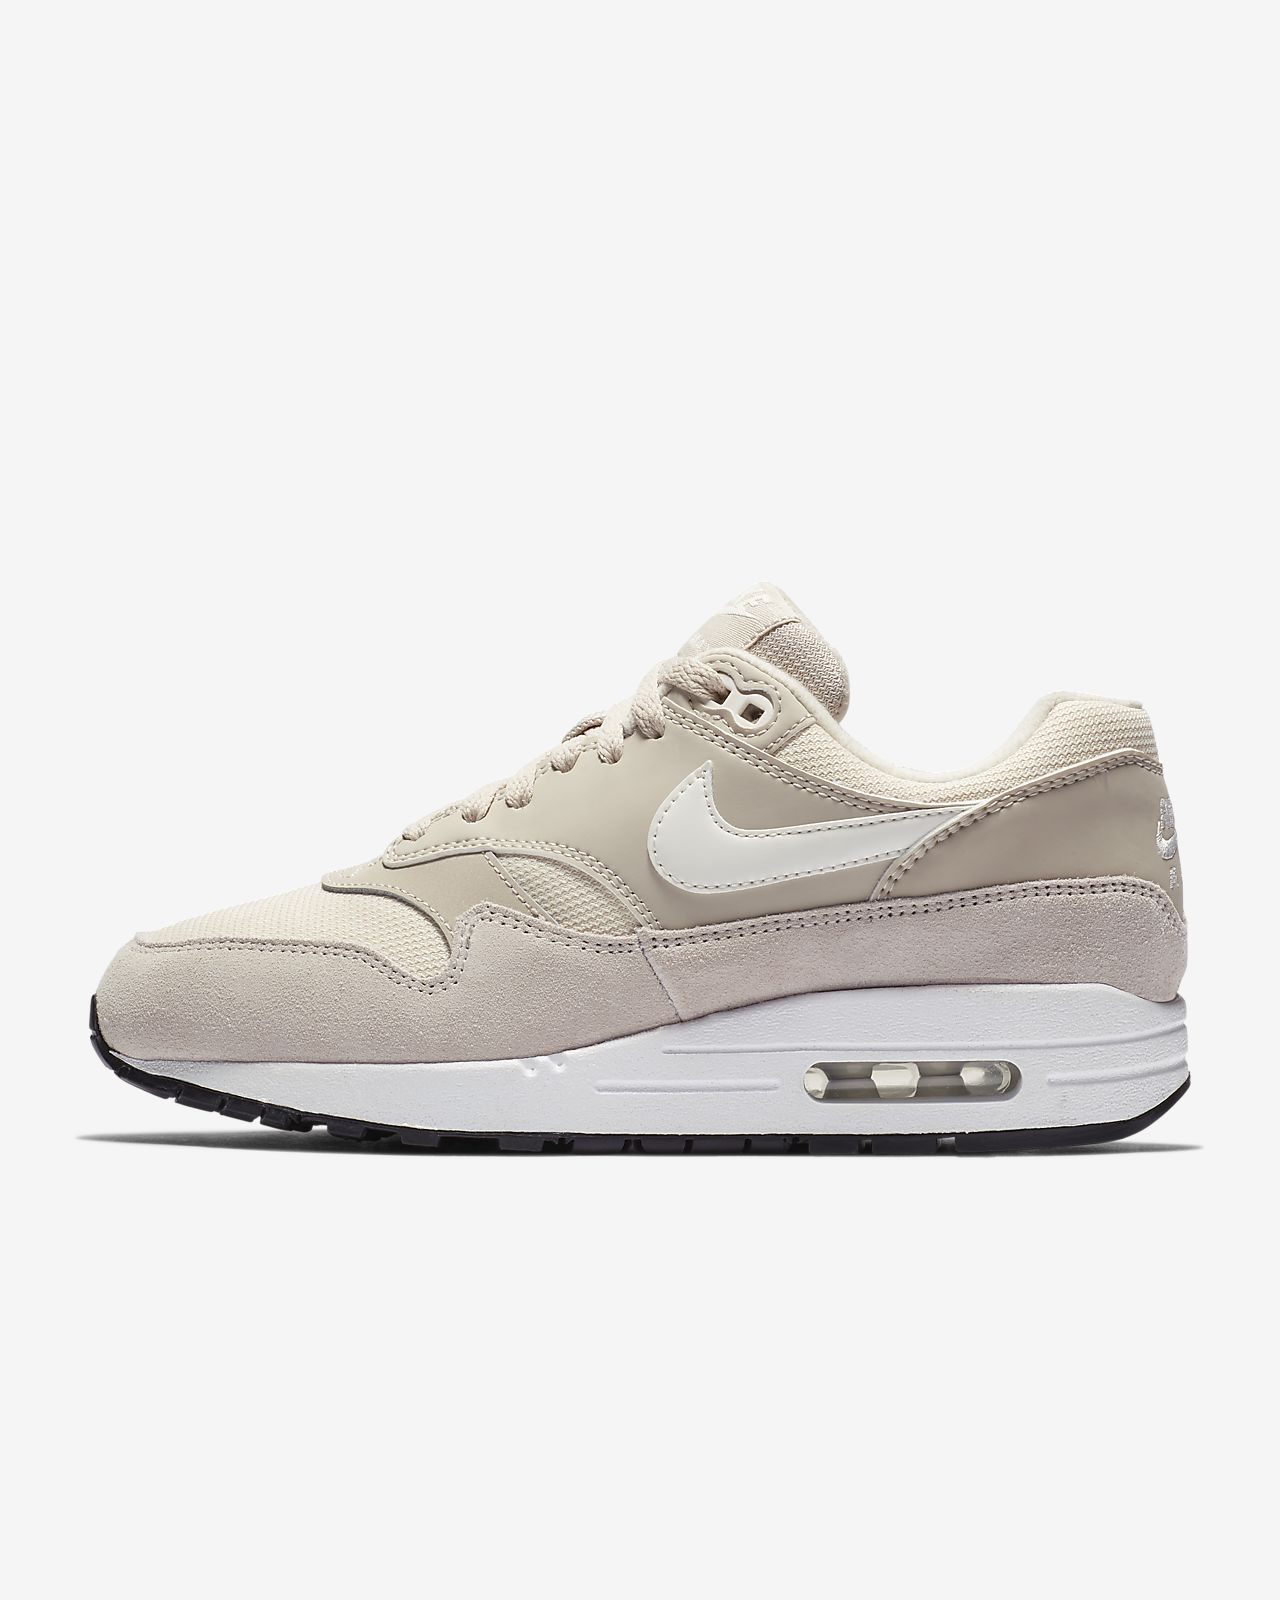 Nike Air Max 1 Damenschuh